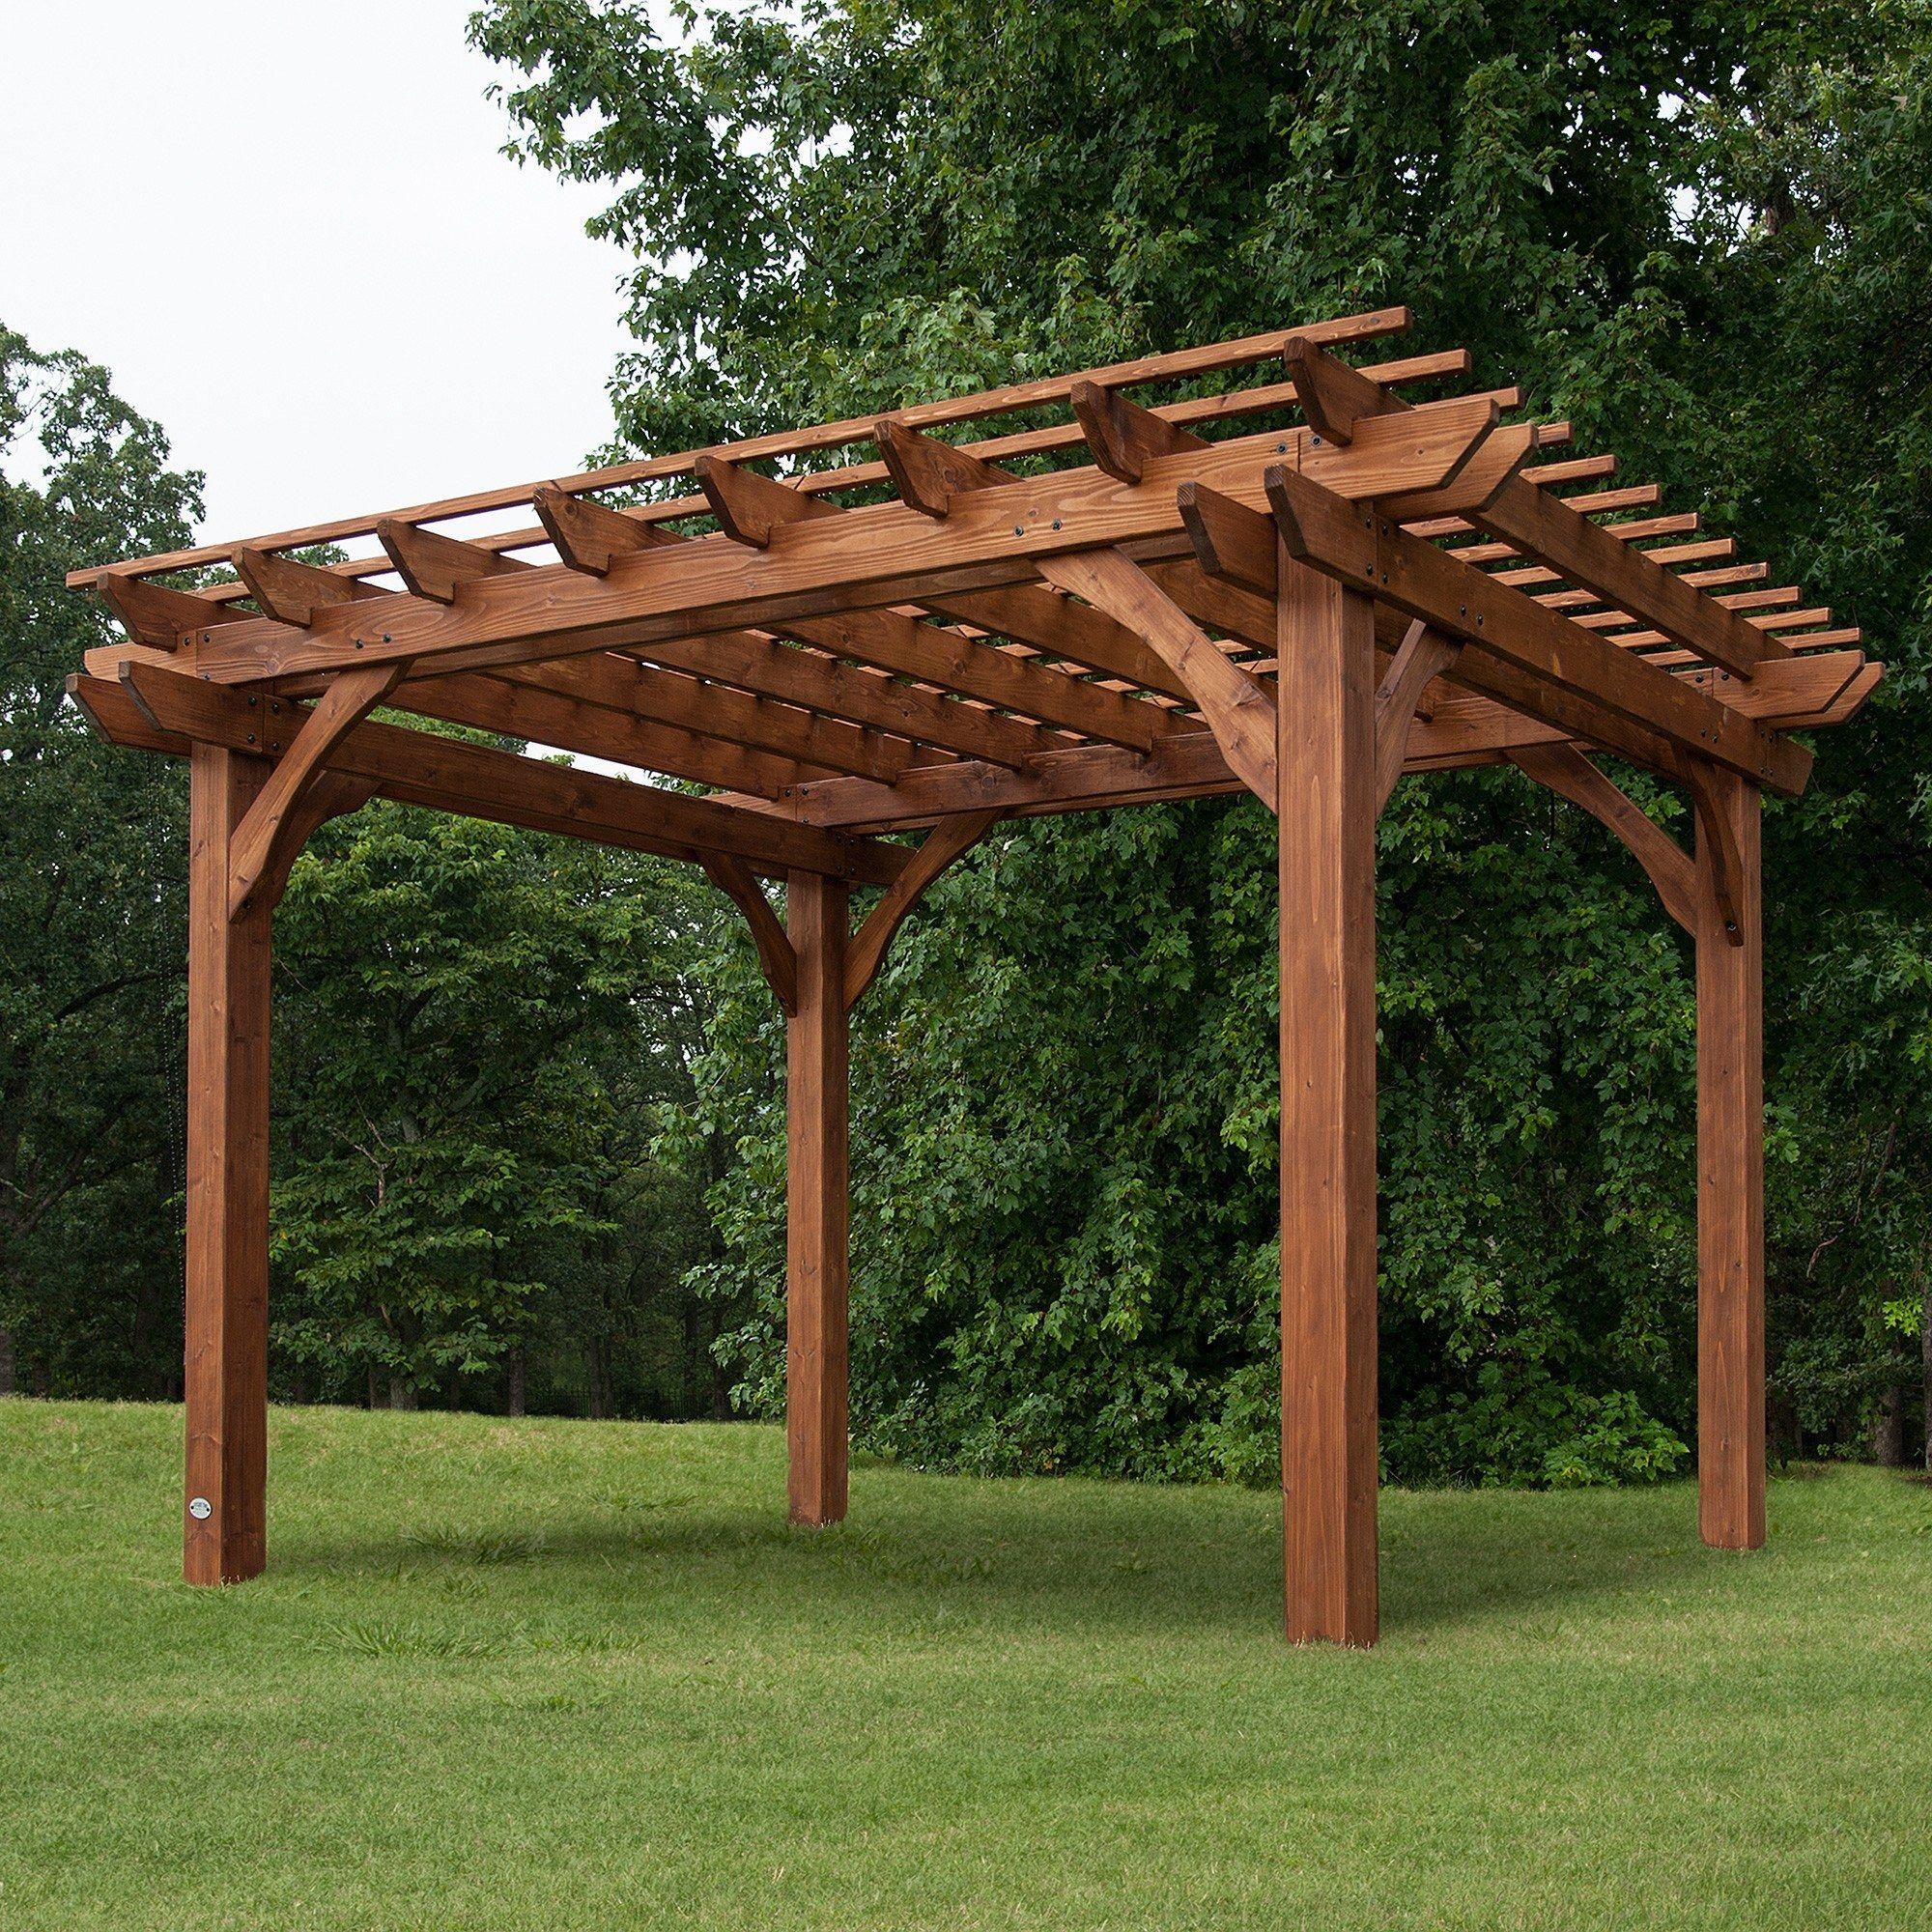 Home Depot Pergola Kits : Pergola cedar pergolas and backyard